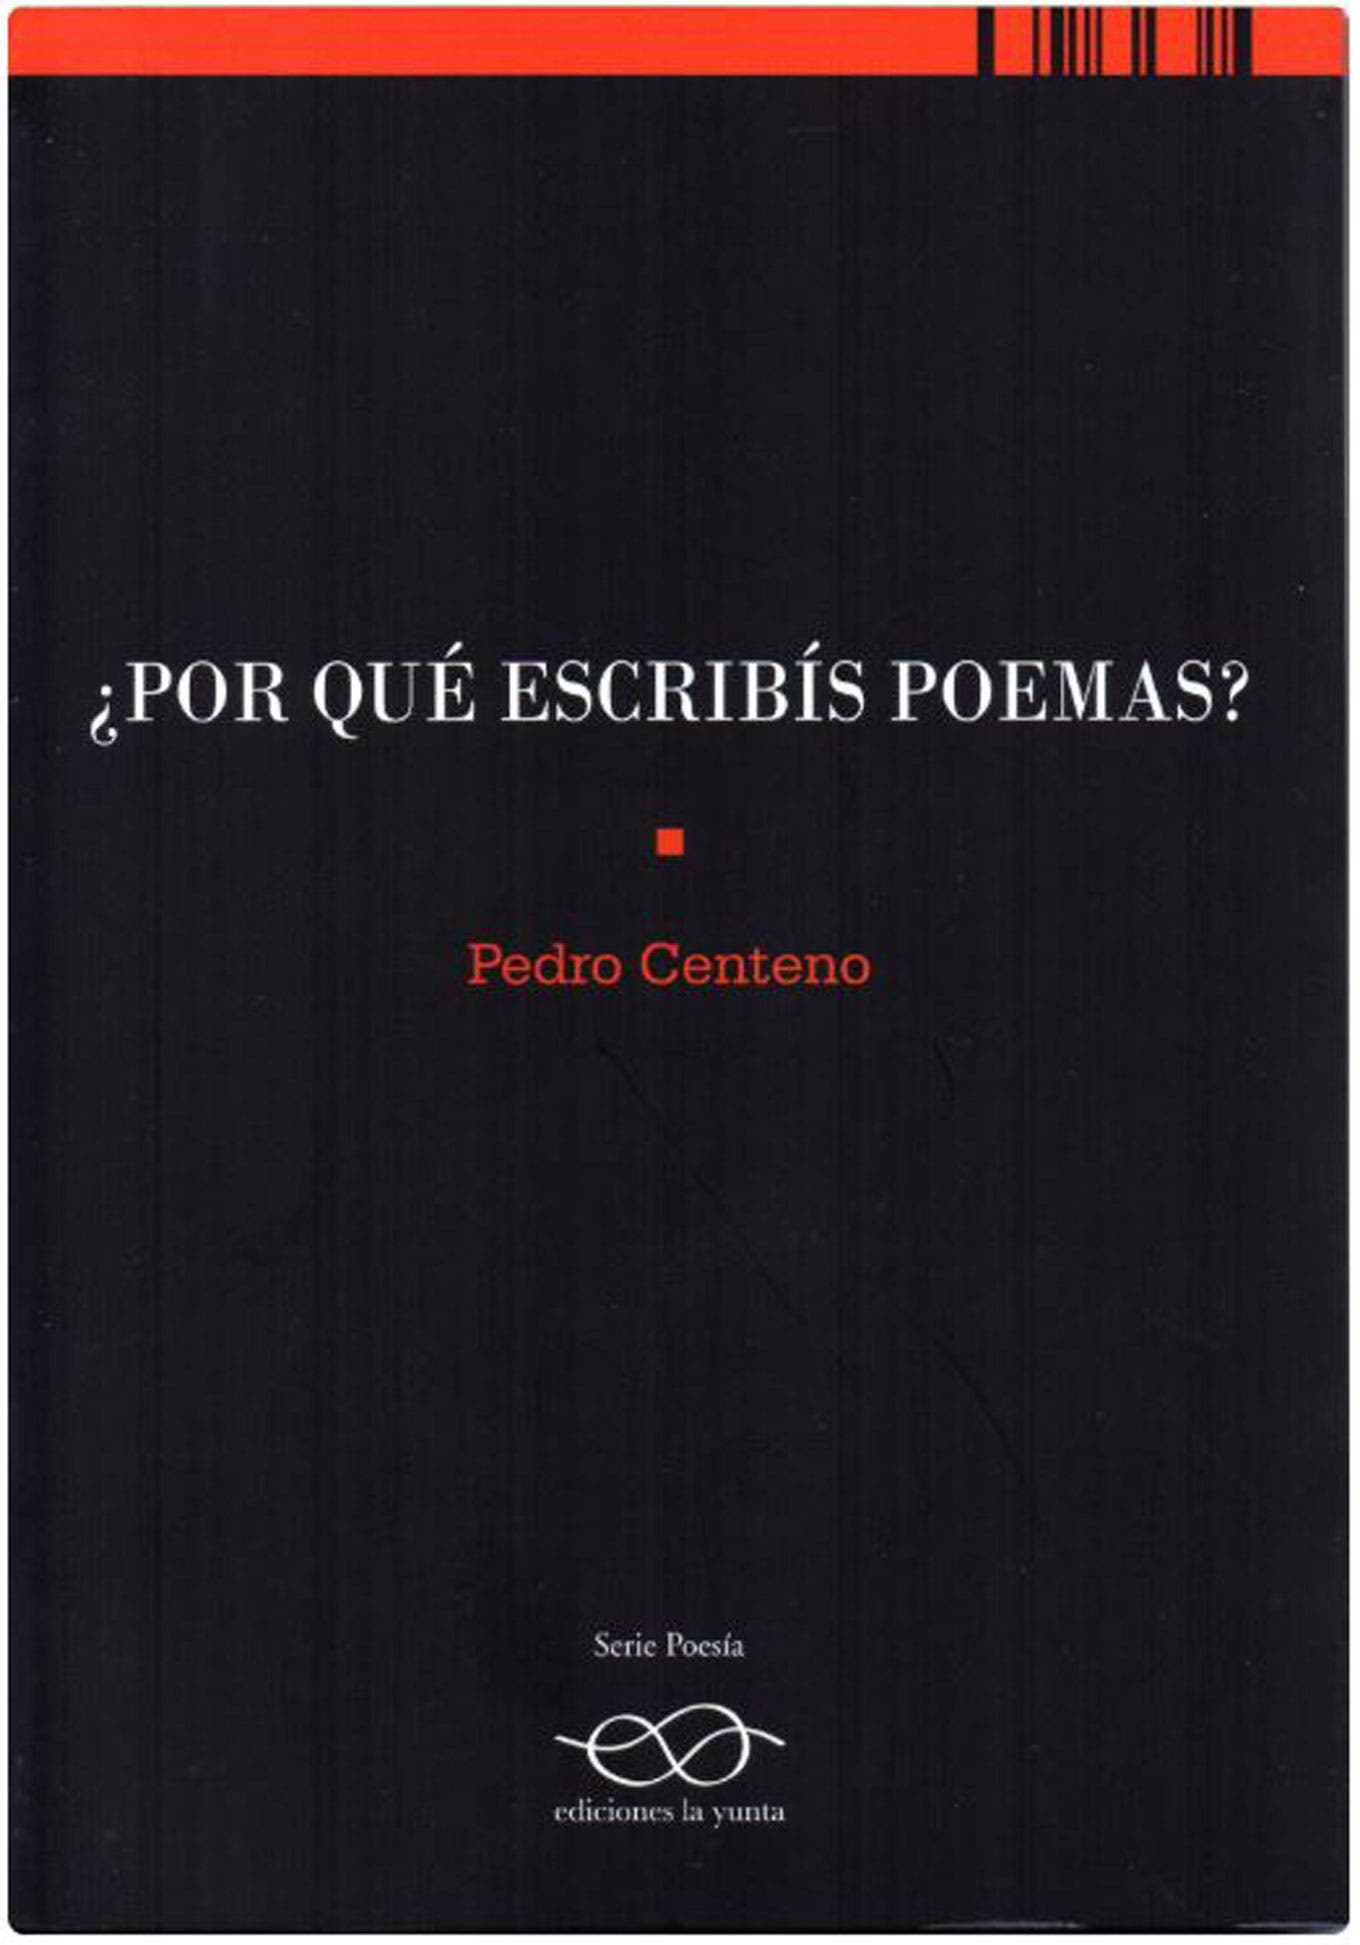 Resultado de imagen para Pedro Centeno publicó ¿Por qué escribís poemas?